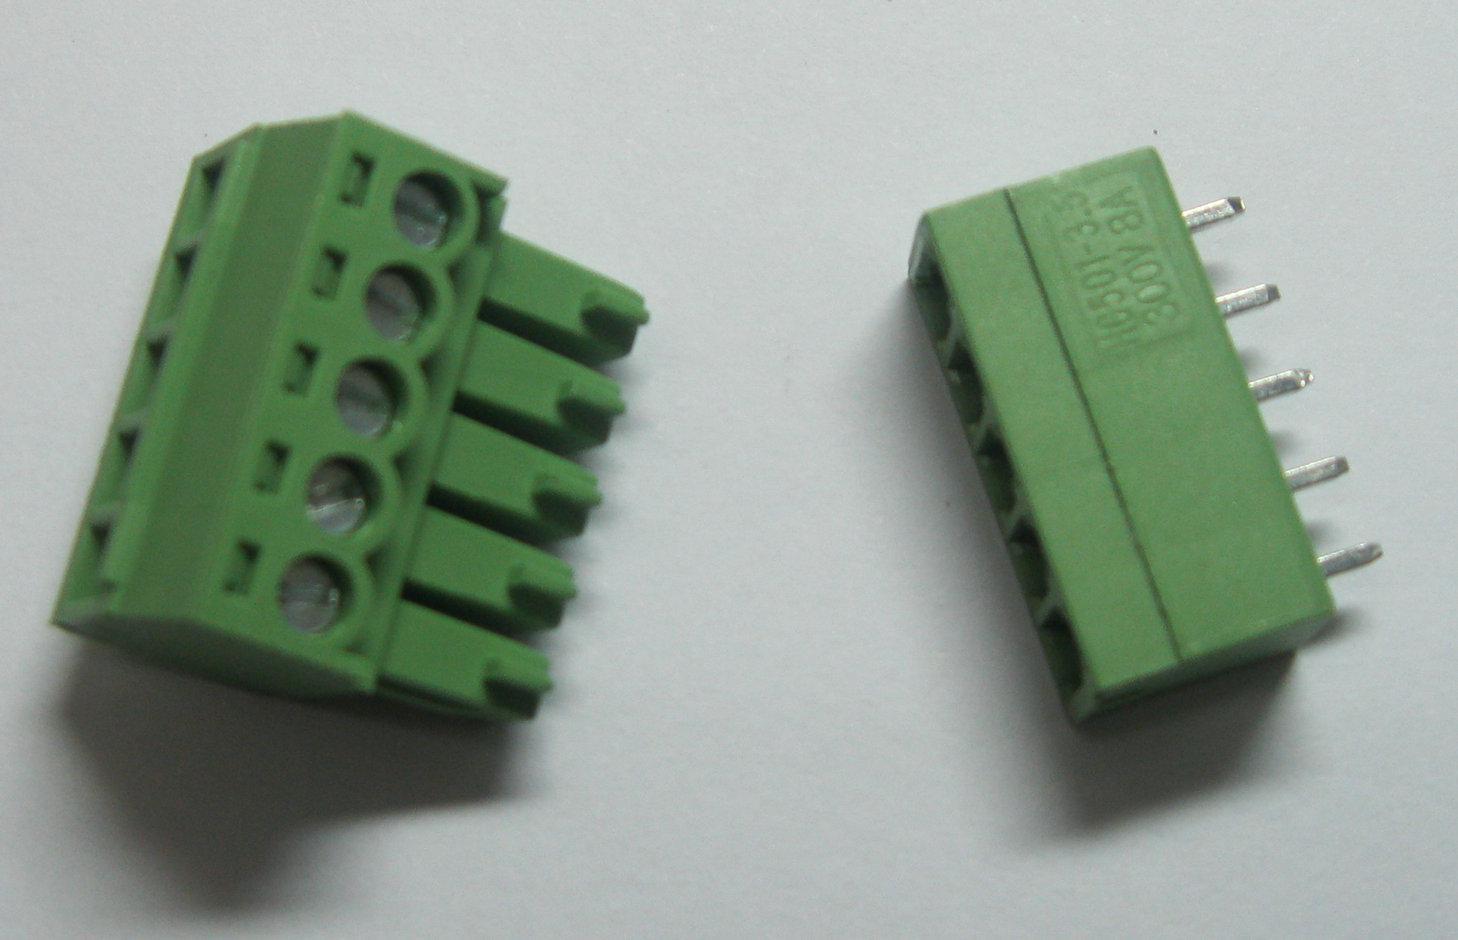 60 Stk. 5-poliger / poliger 3,5-mm-Schraubklemmenblock-Steckverbinder, grüne Farbe T-Typ mit Stift